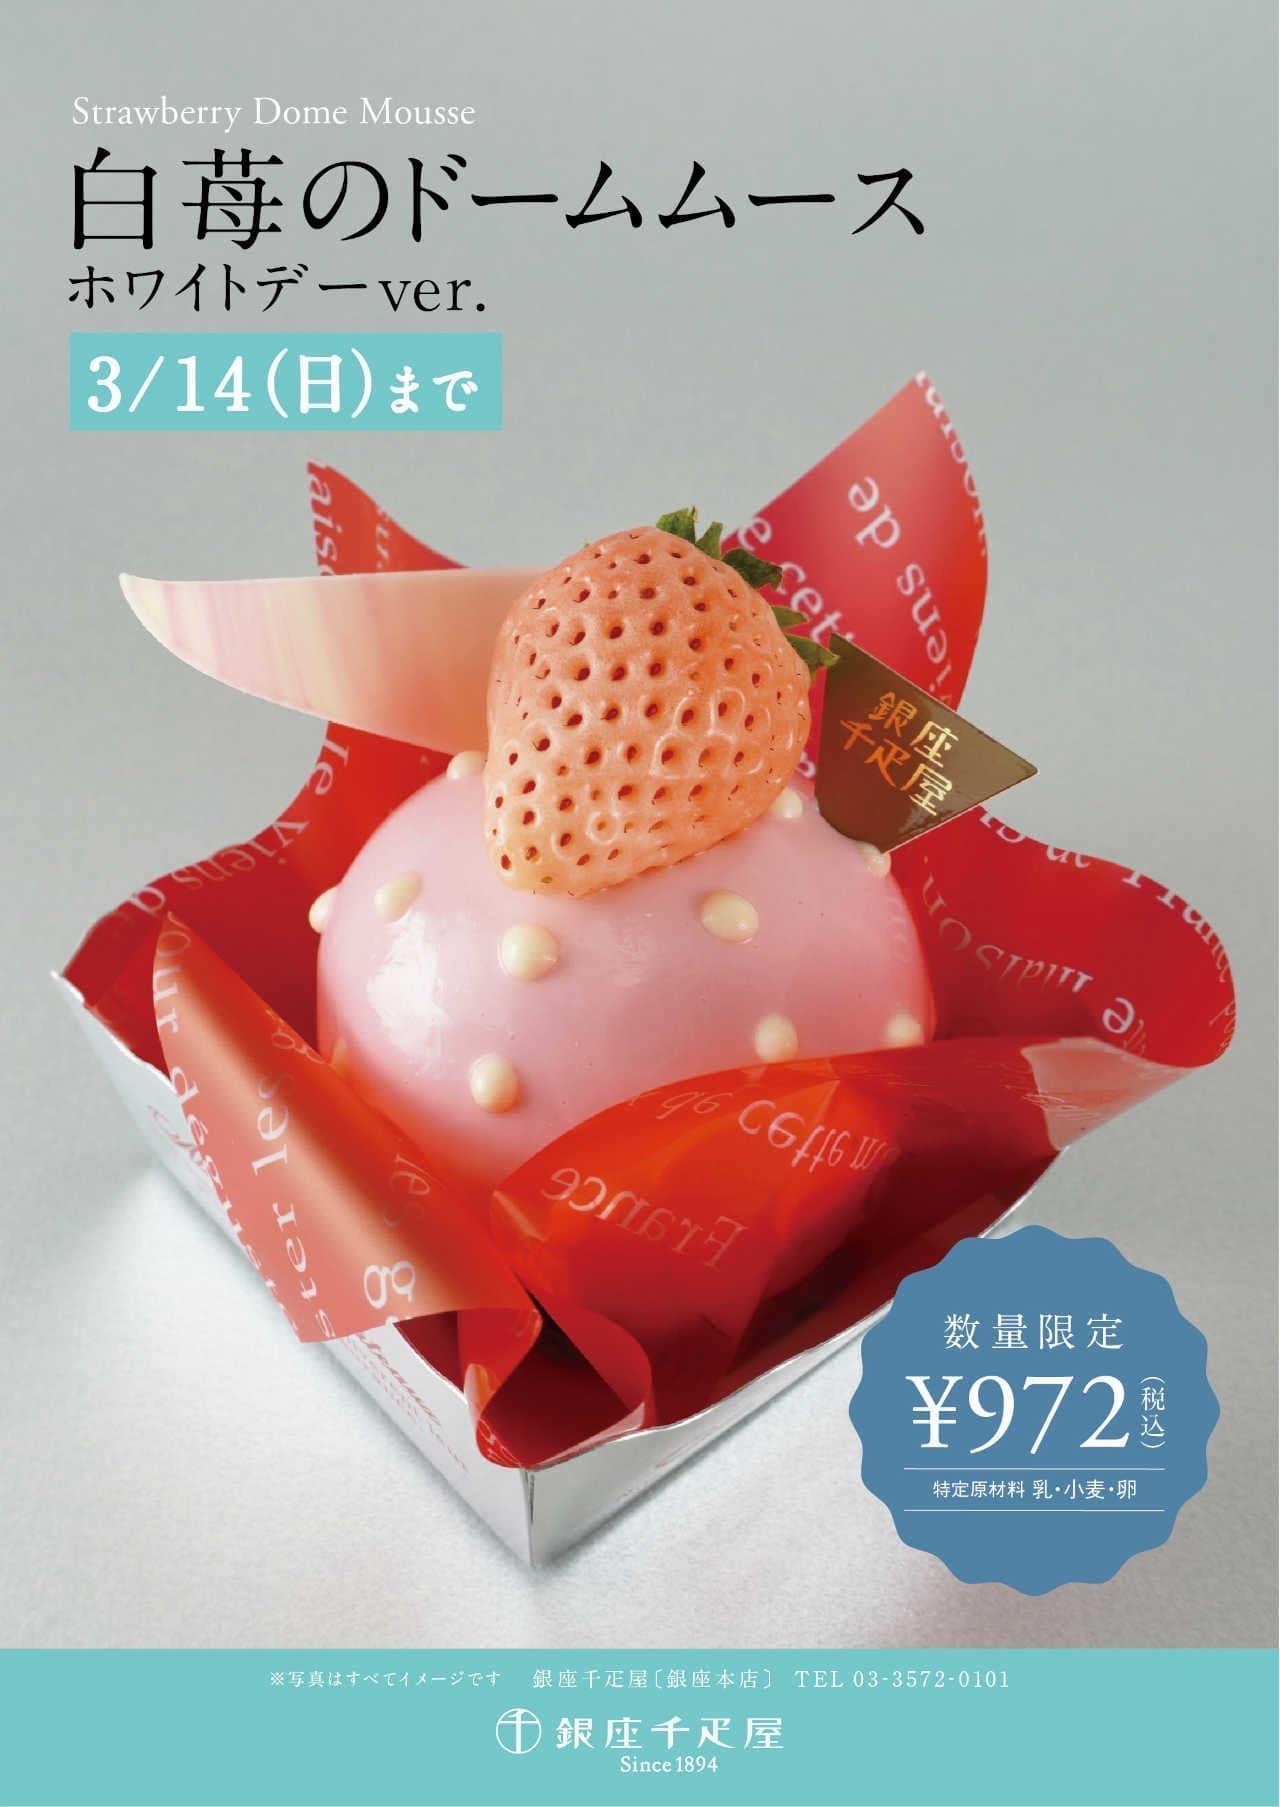 銀座千疋屋「白苺のドームムース ホワイトデーver.」